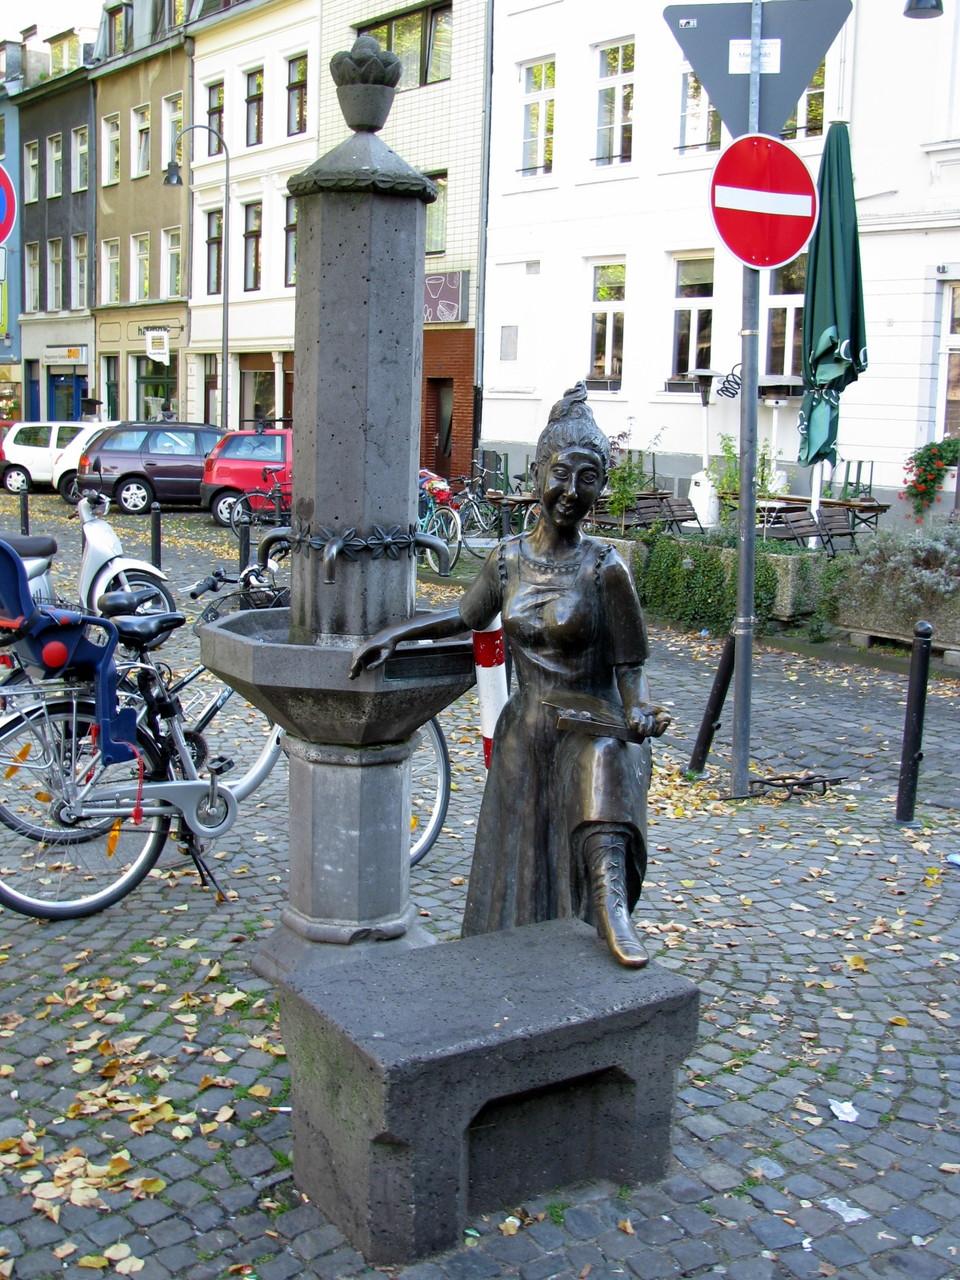 Geführte Fahrradtour - in der Südstadt: Gerda, das Schokoladen-Mädchen